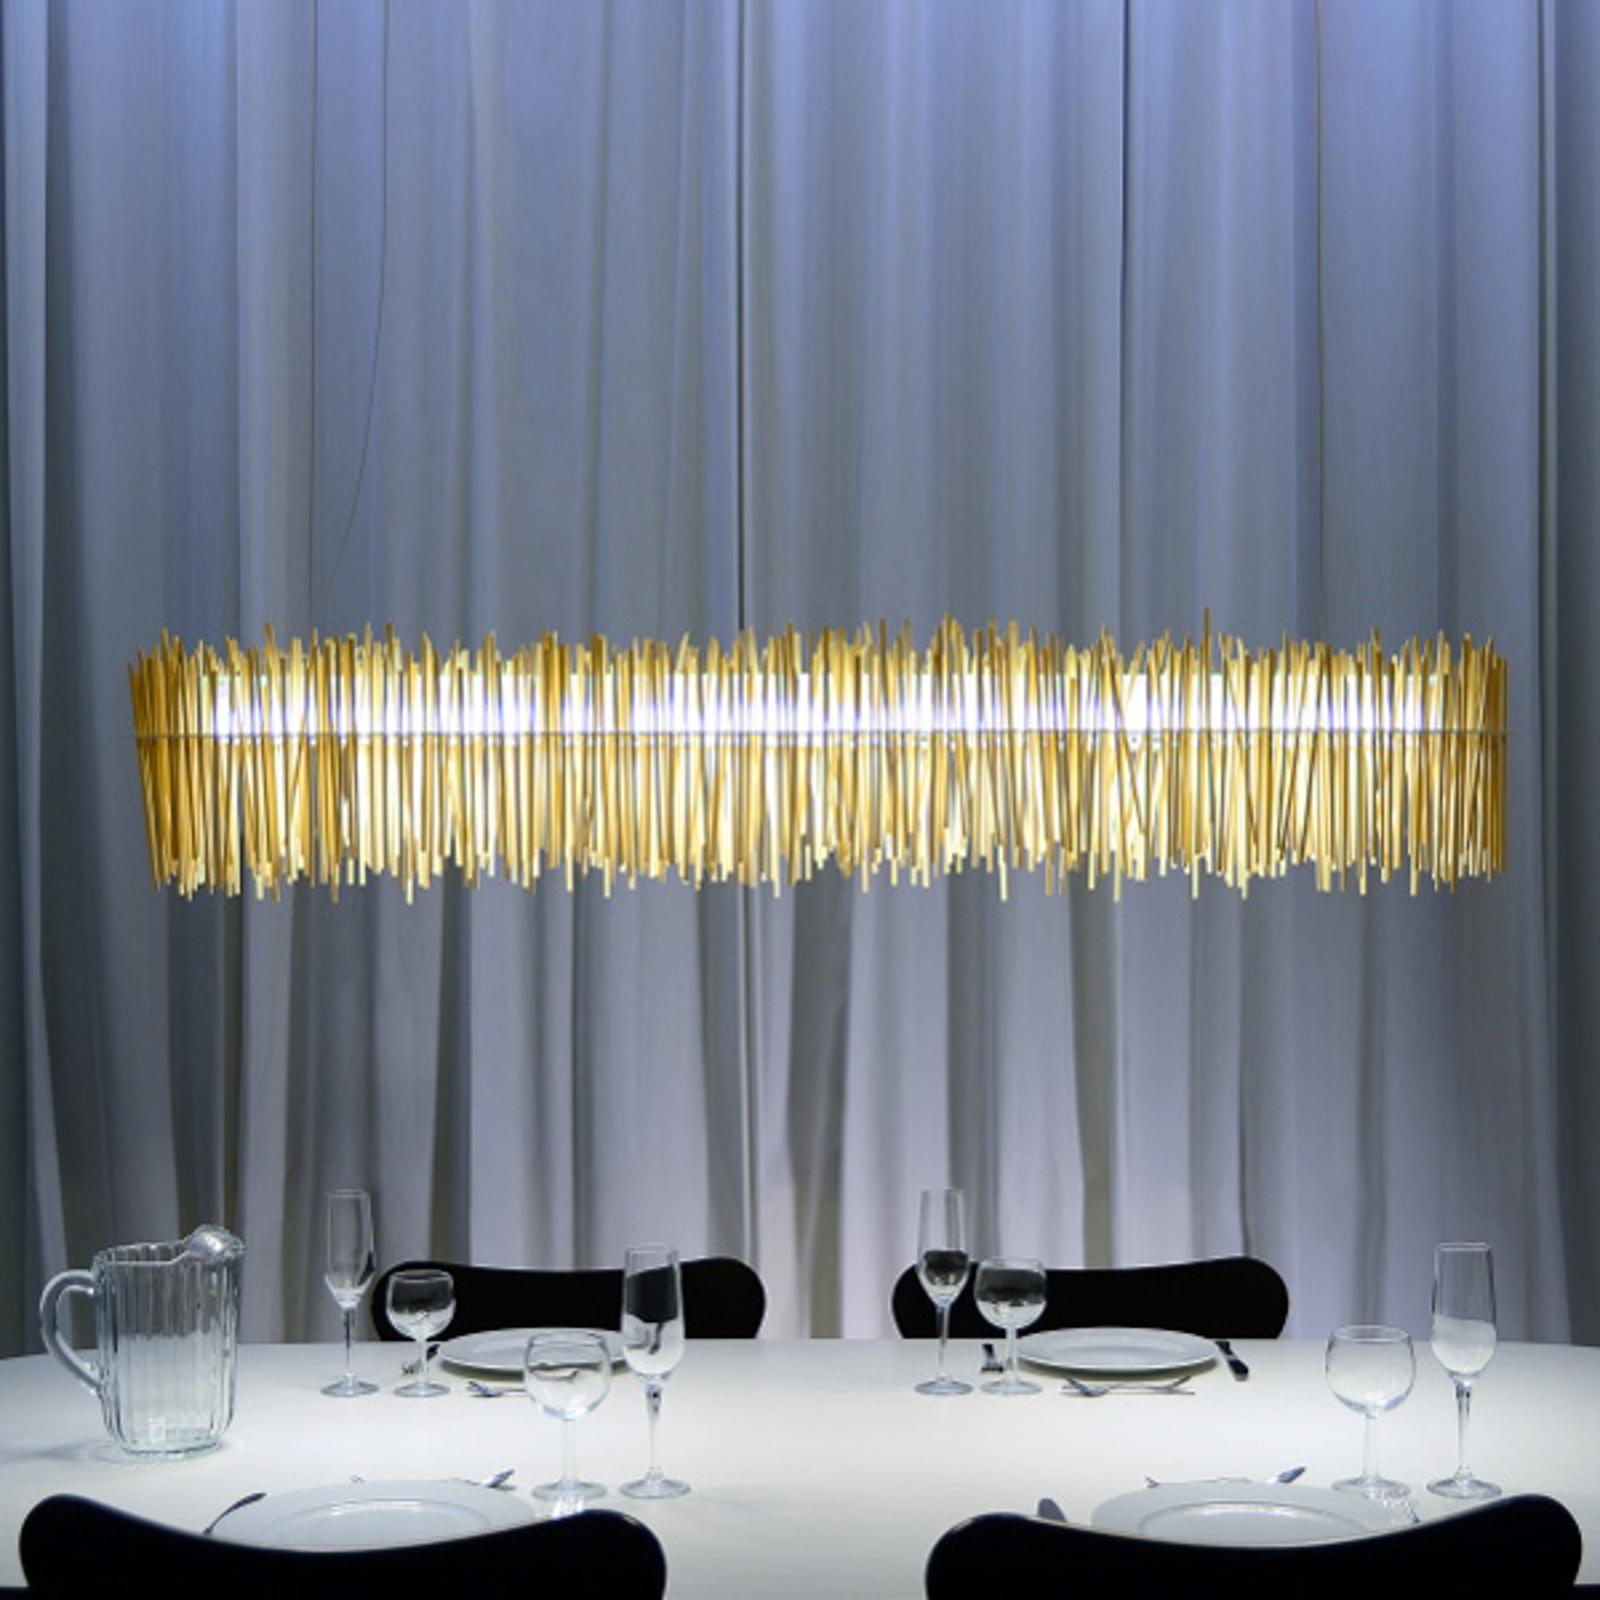 Hayashi LED-hengelampe laget av spisepinner